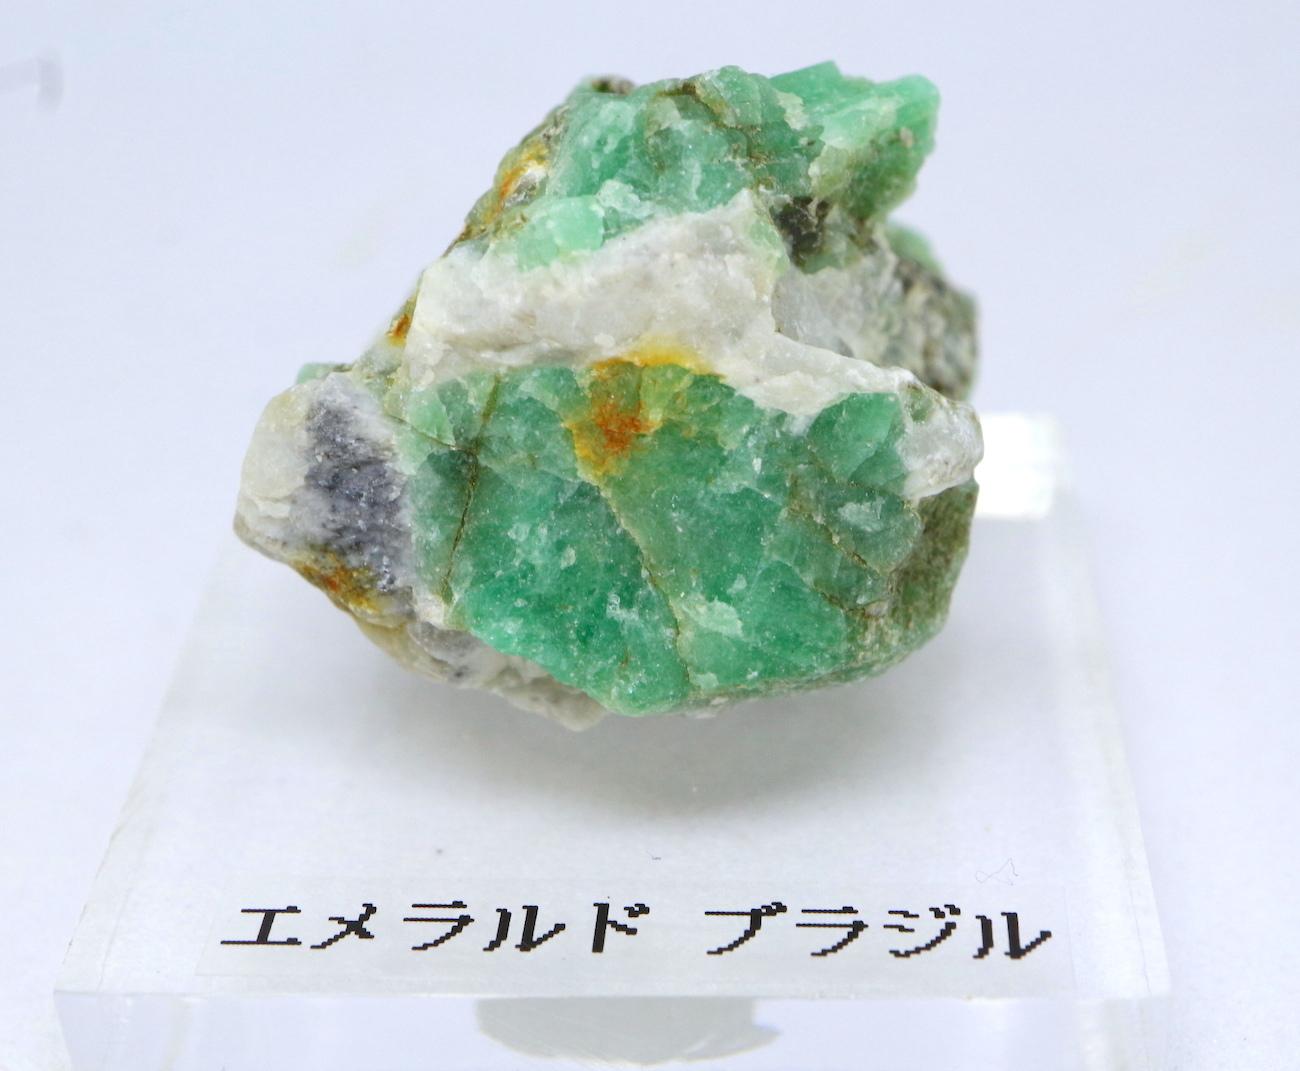 エメラルド 原石 標本 鉱物 9g ED037 ベリル 緑柱石 パワーストーン